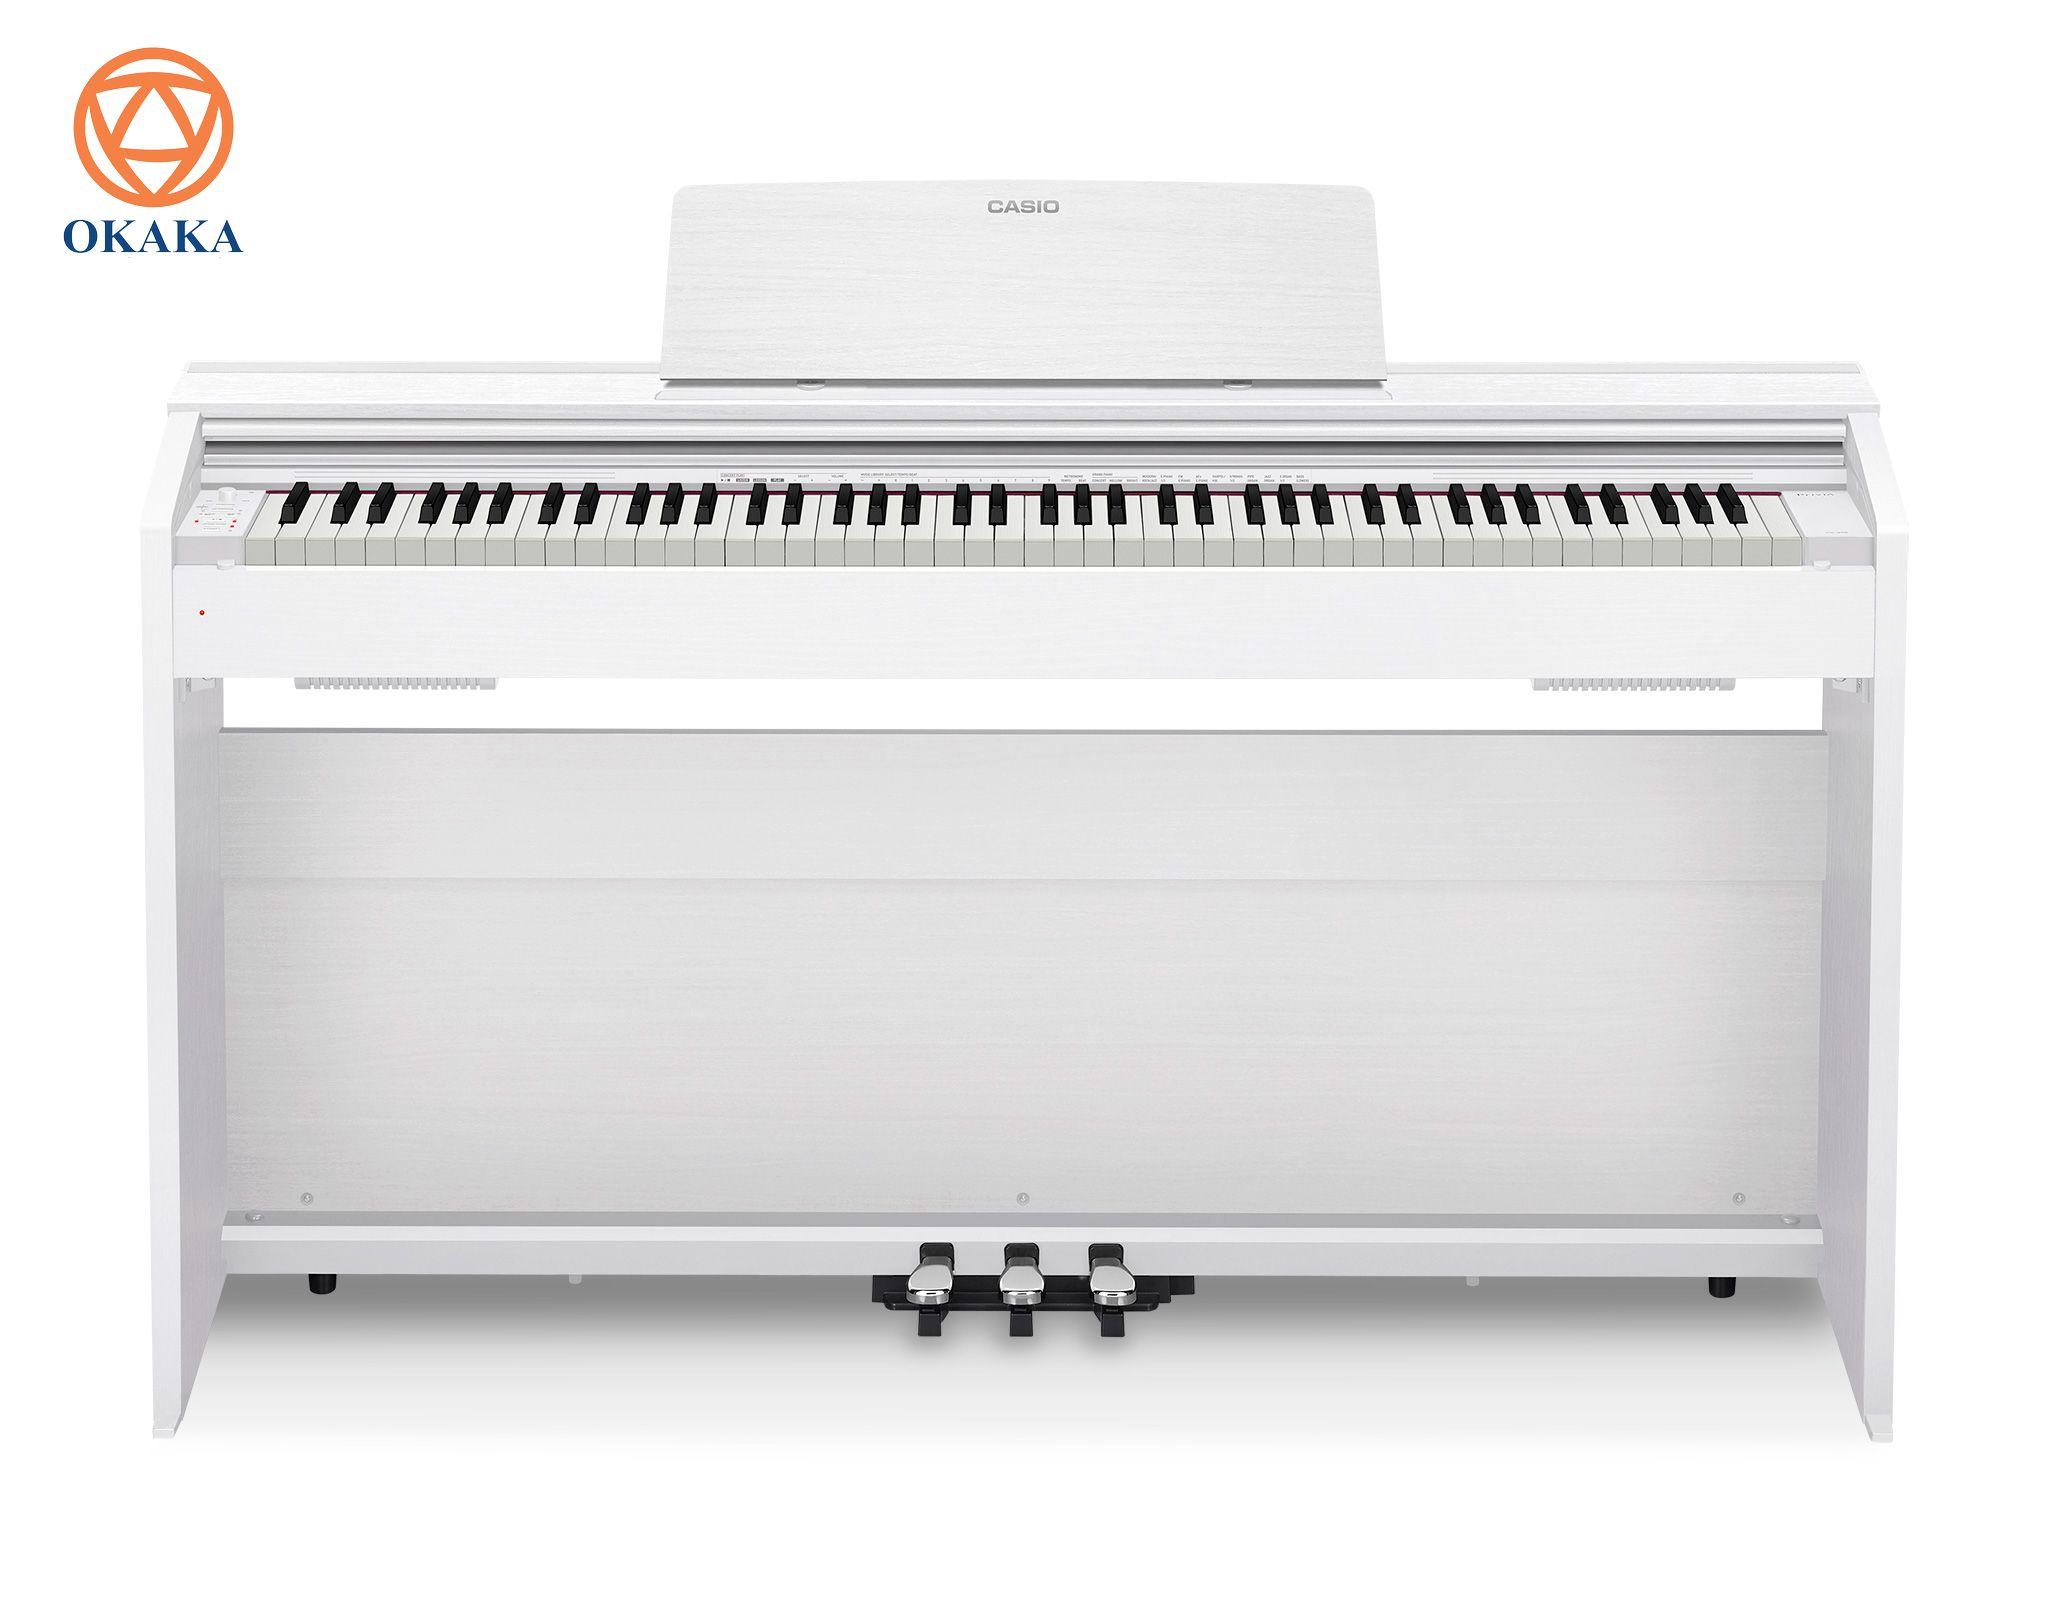 """Casio PX-870 là sản phẩm hàng đầu của dòng đàn Privia nổi tiếng thế giới, được thiết kế để mang đến cho bạn trải nghiệm chơi piano tuyệt vời. Với âm thanh và cảm giác piano chân thực, thiết kế hiện đại và hệ thống loa kiểu mới, đàn piano điện Casio Privia PX-870 ra mắt năm 2017 là nhạc cụ """"5 tốt"""" tuyệt vời để tạo cảm hứng cho các màn trình diễn vượt trội."""